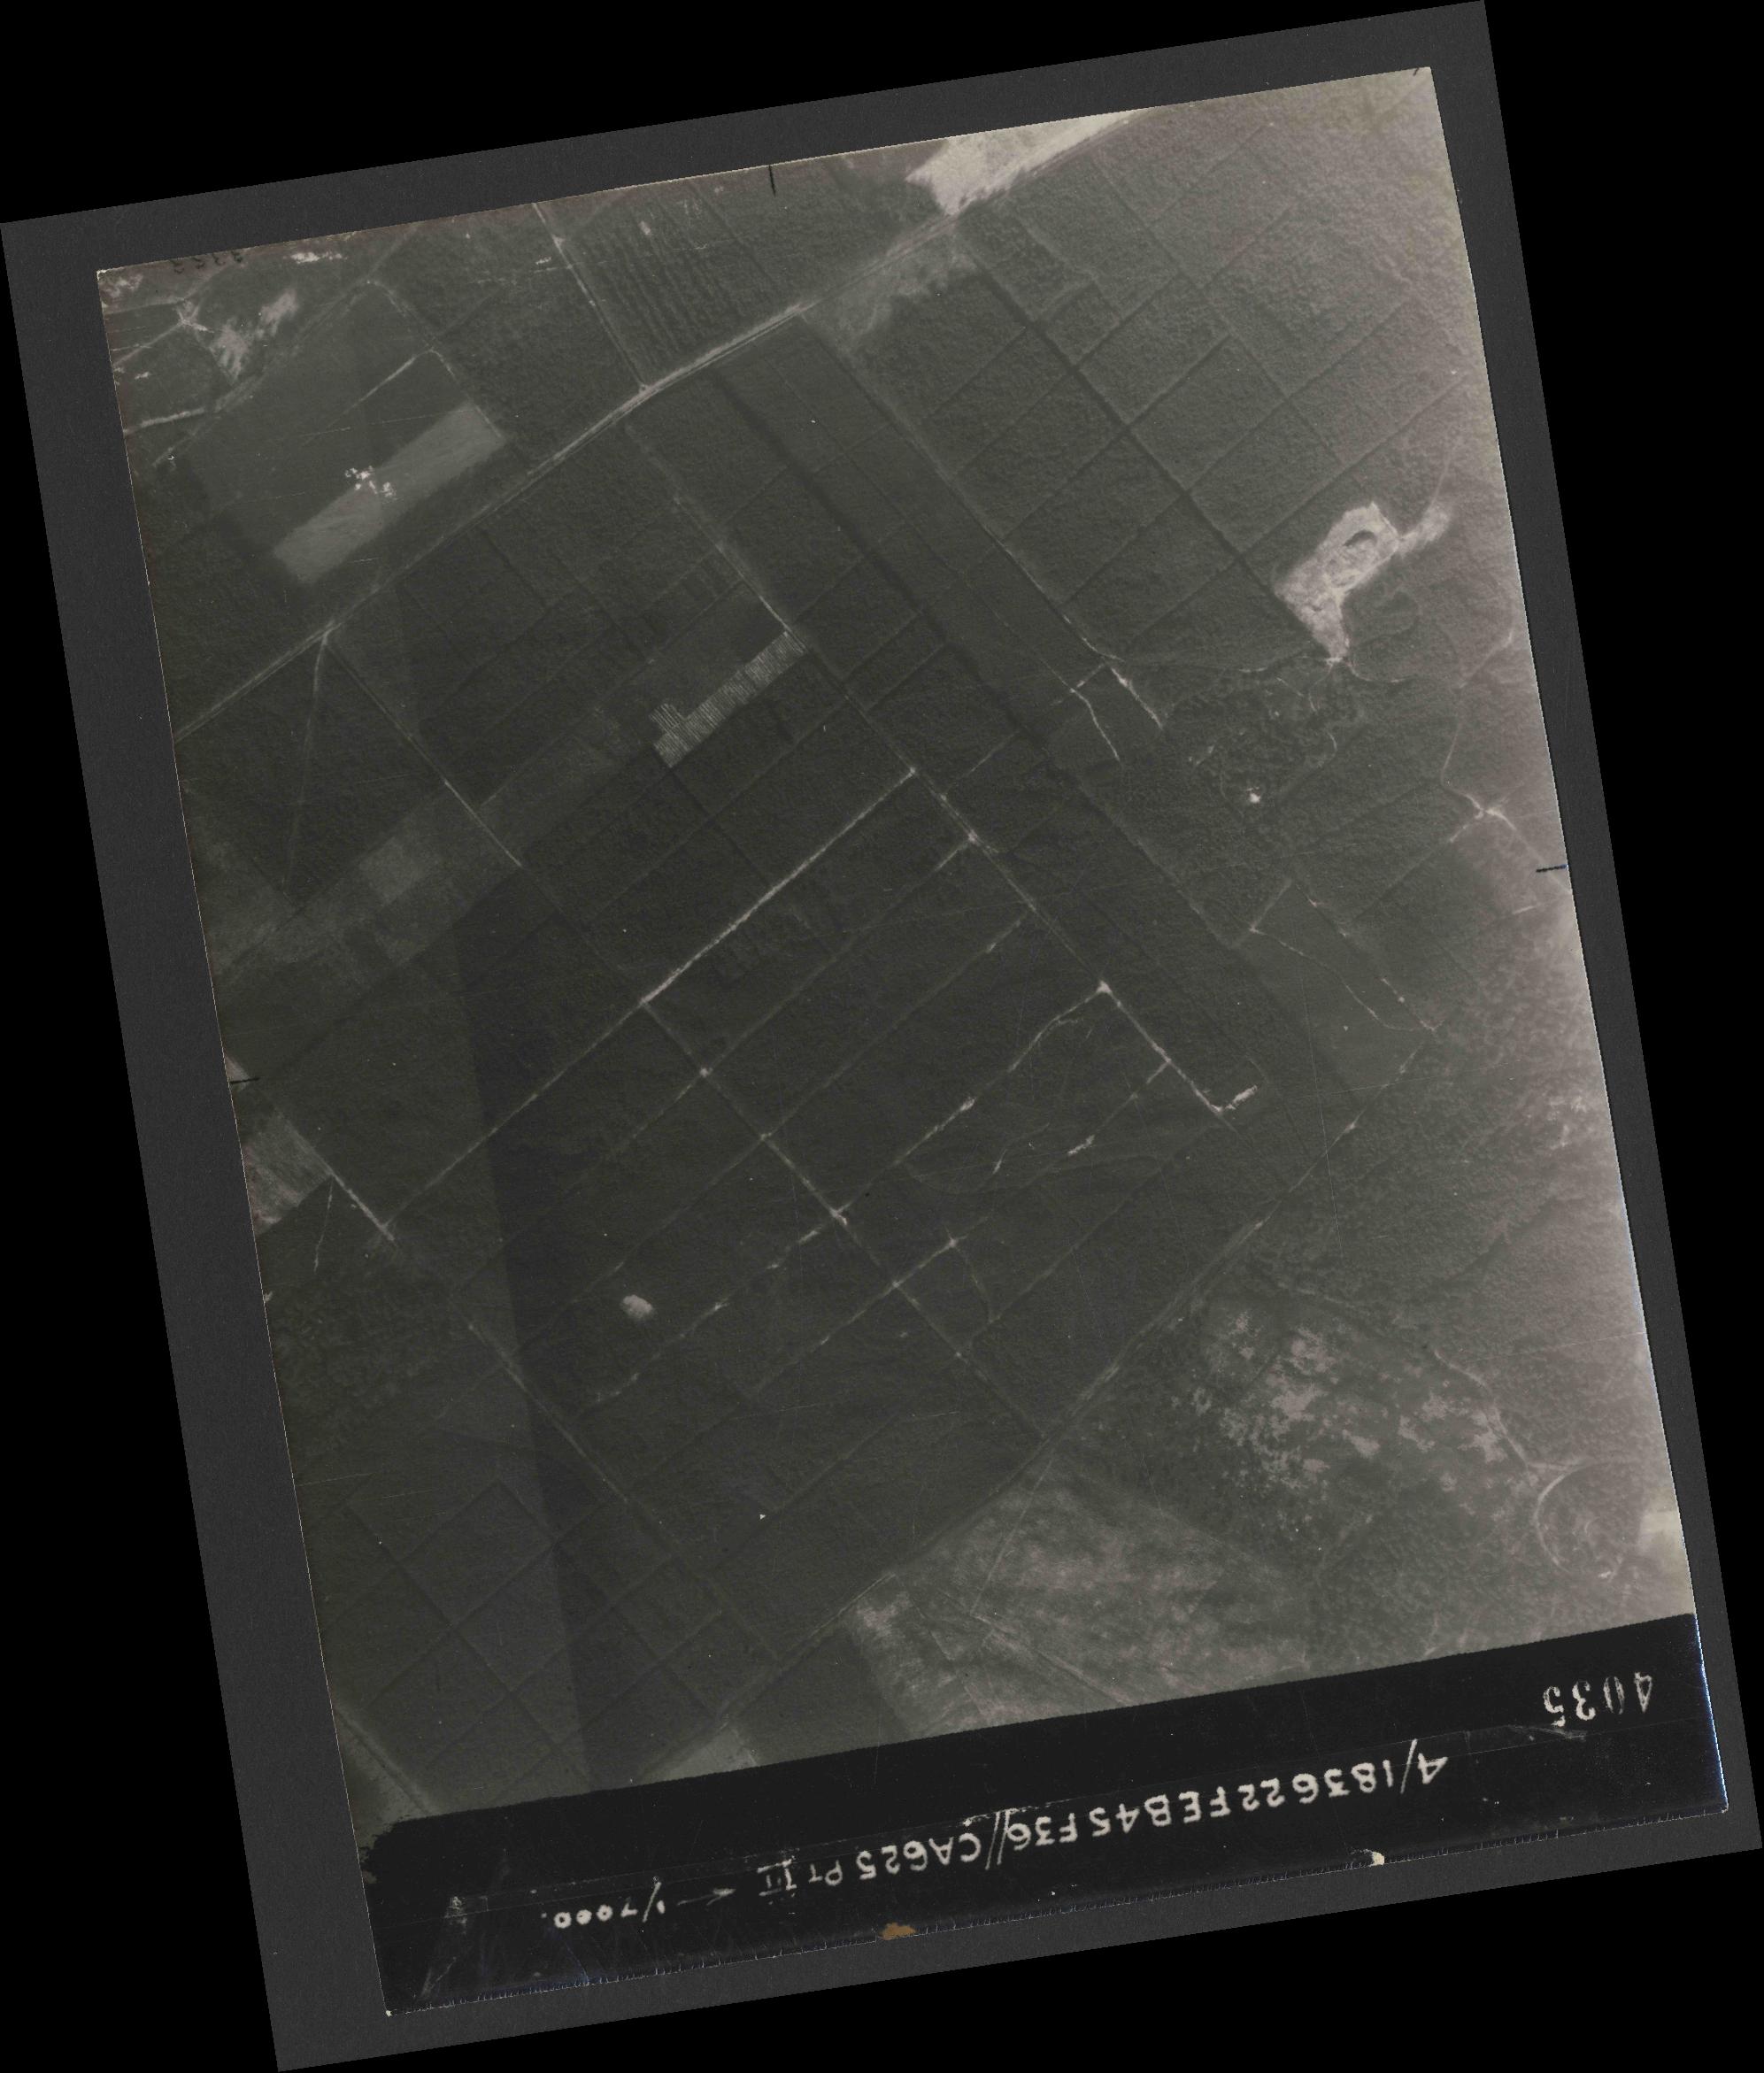 Collection RAF aerial photos 1940-1945 - flight 204, run 02, photo 4035